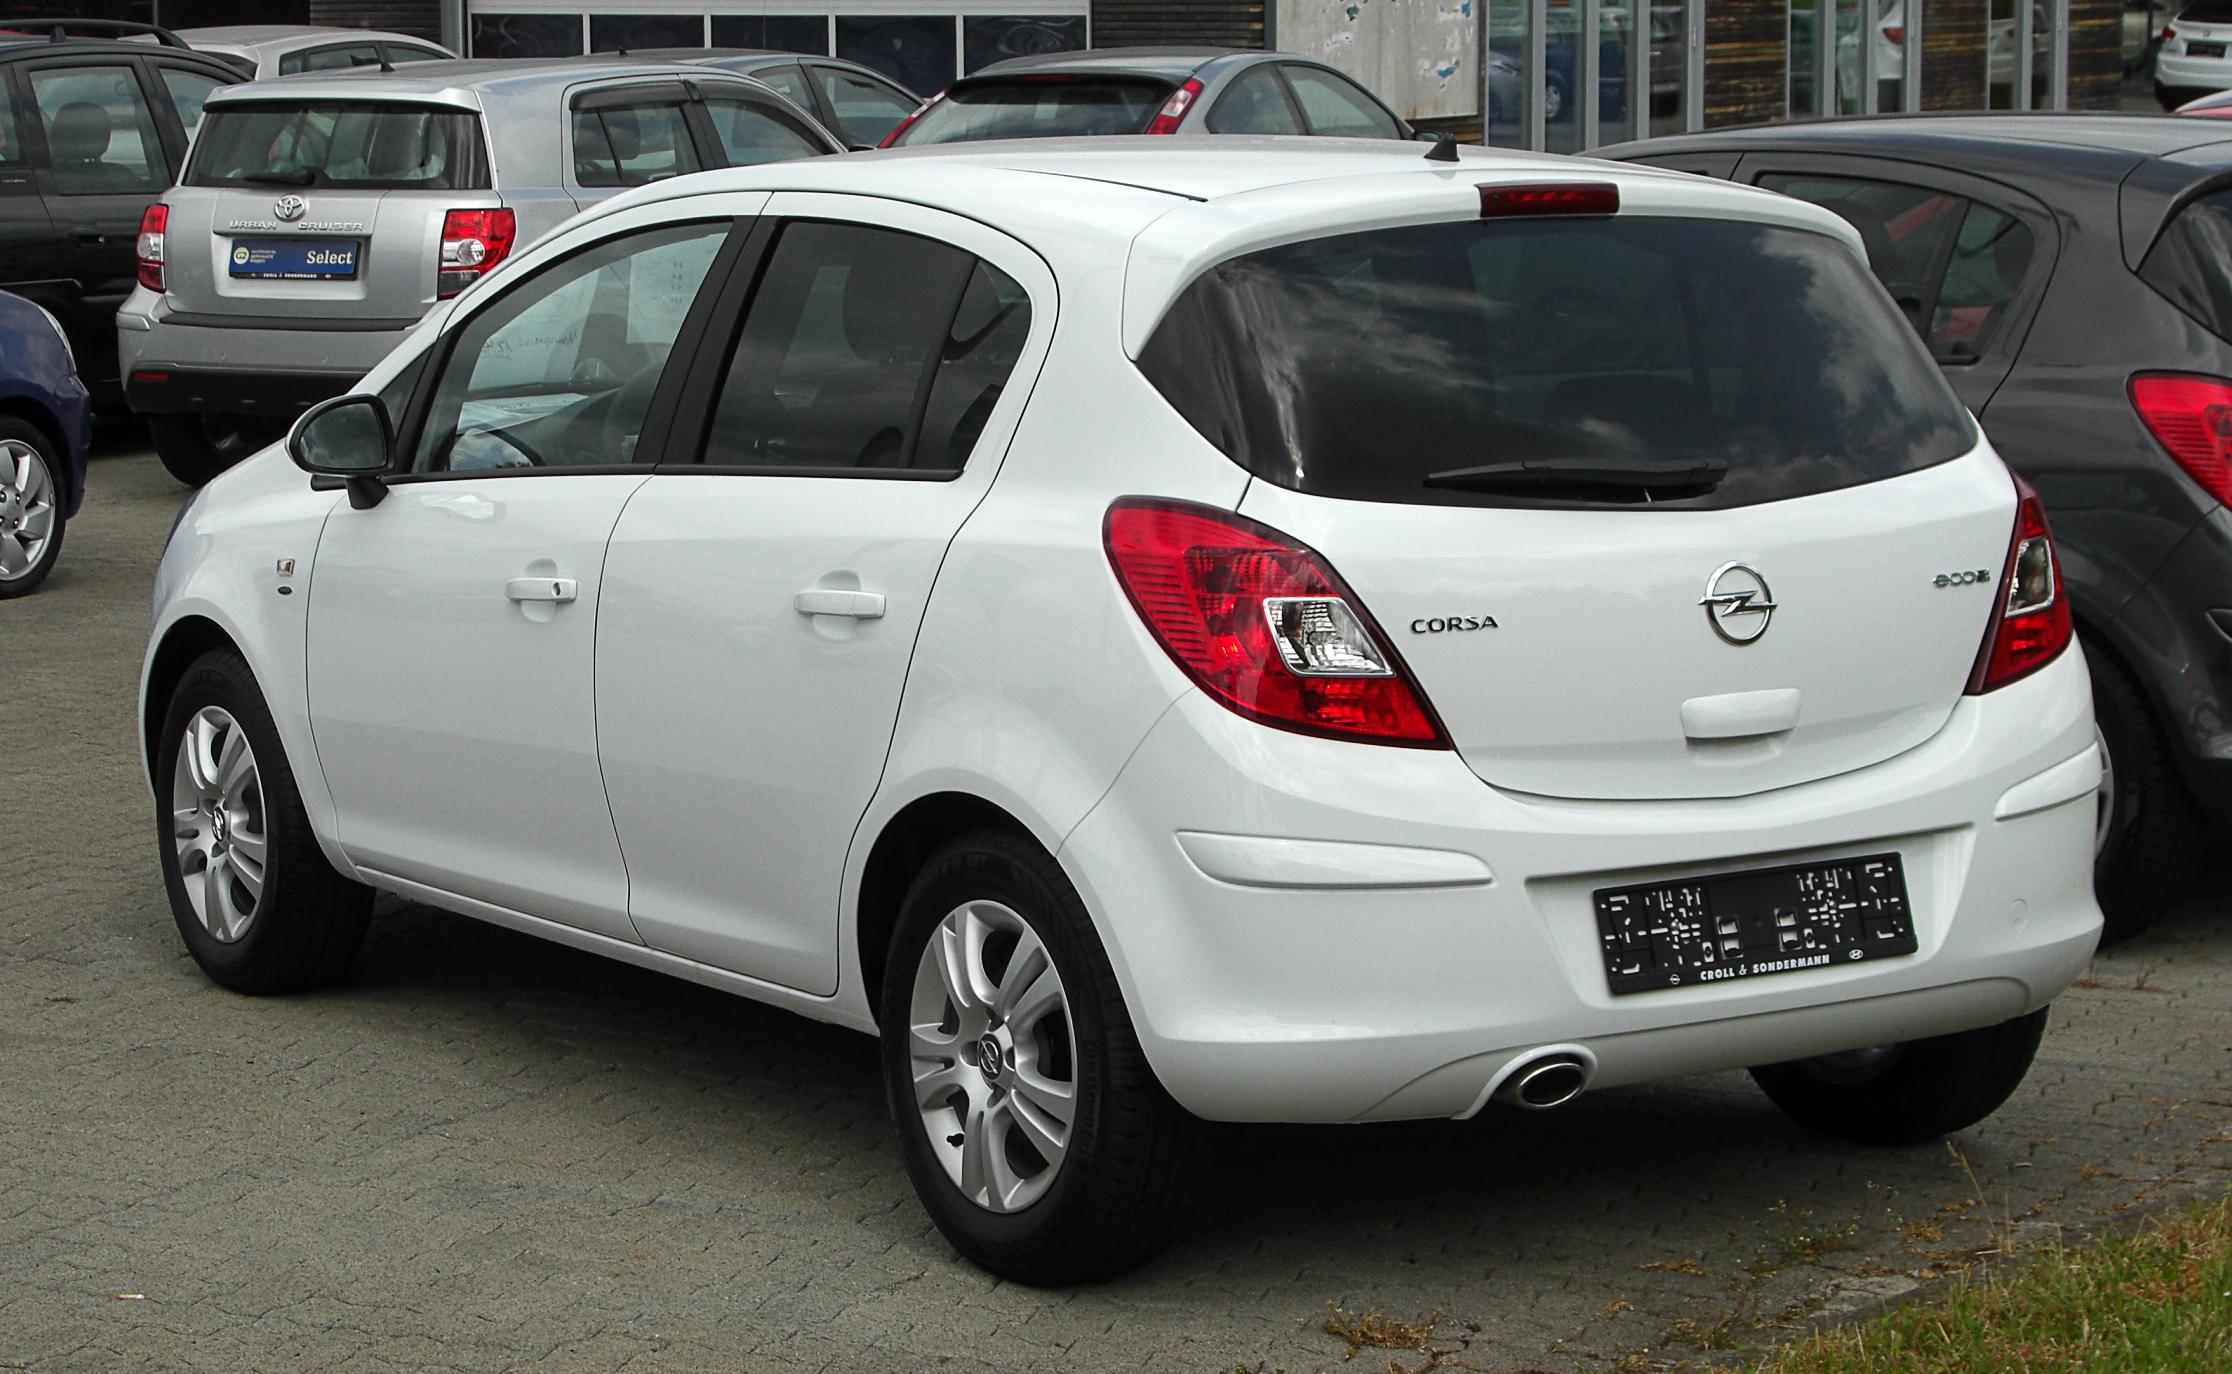 Opel Corsa 1.2 80CV 3 porte GPL-TECH Enjoy Usata a Suisio ...